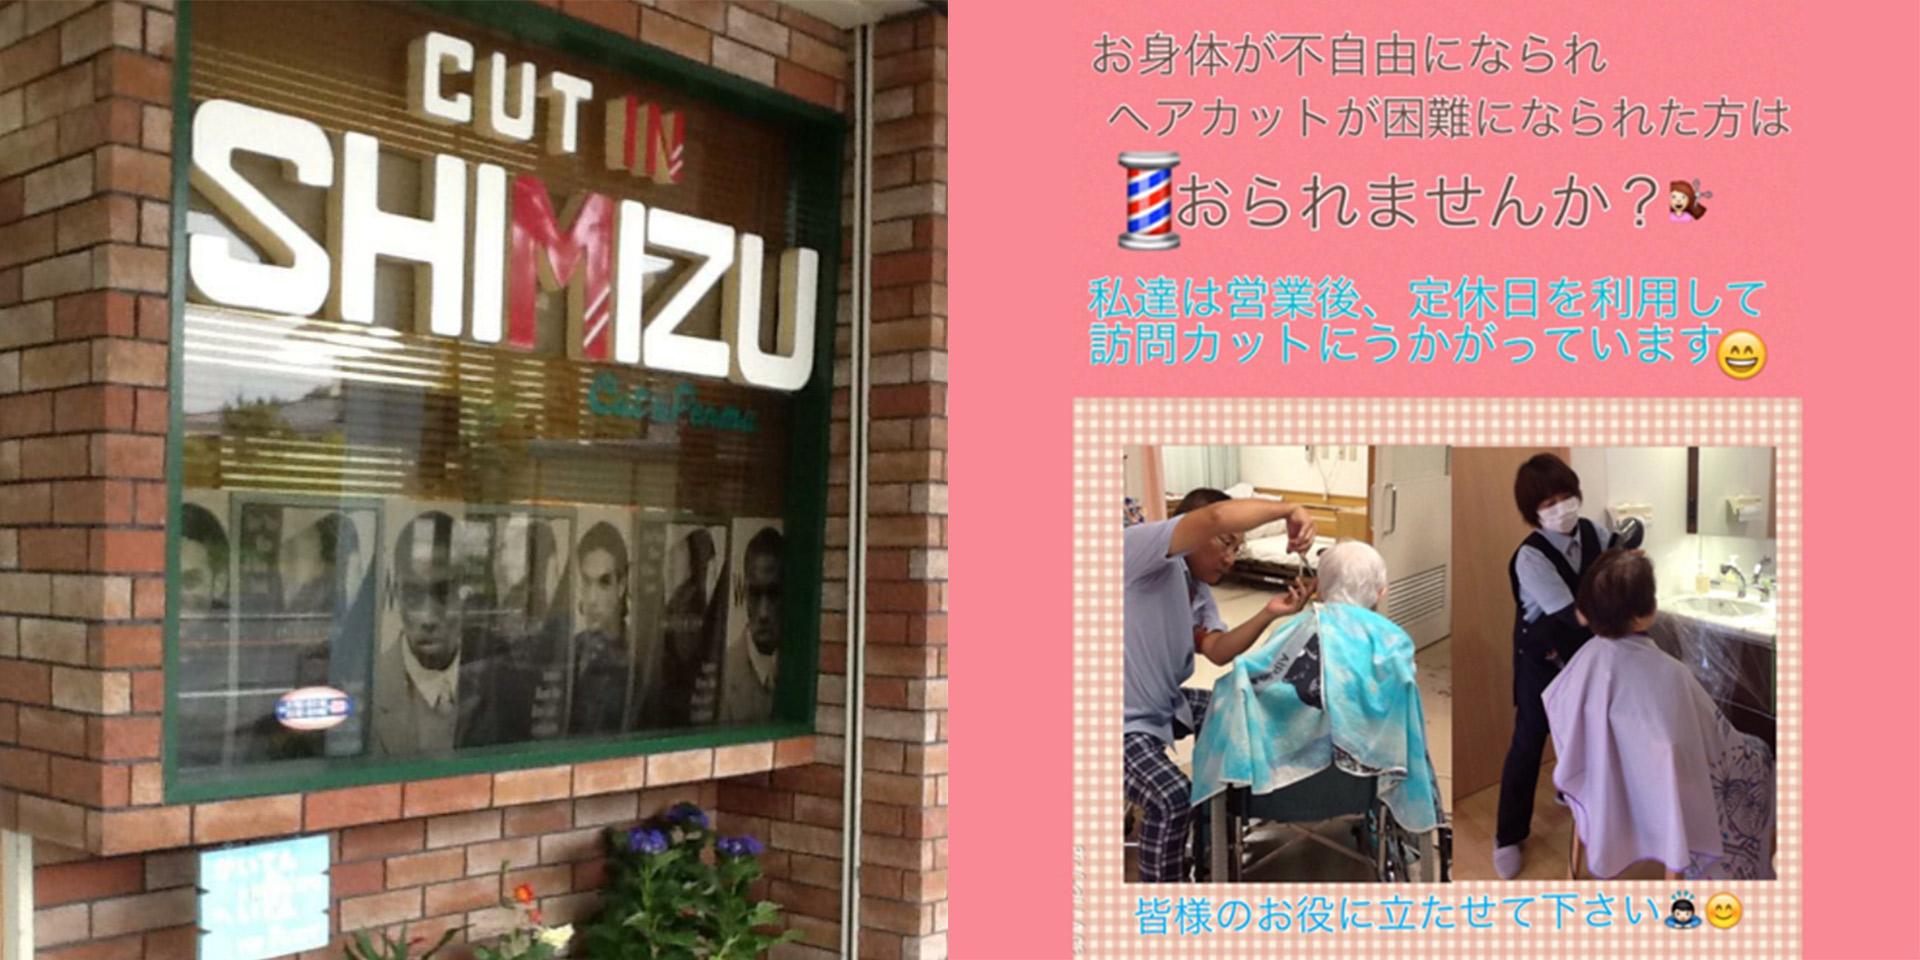 理容 CUT in SHIMIZU